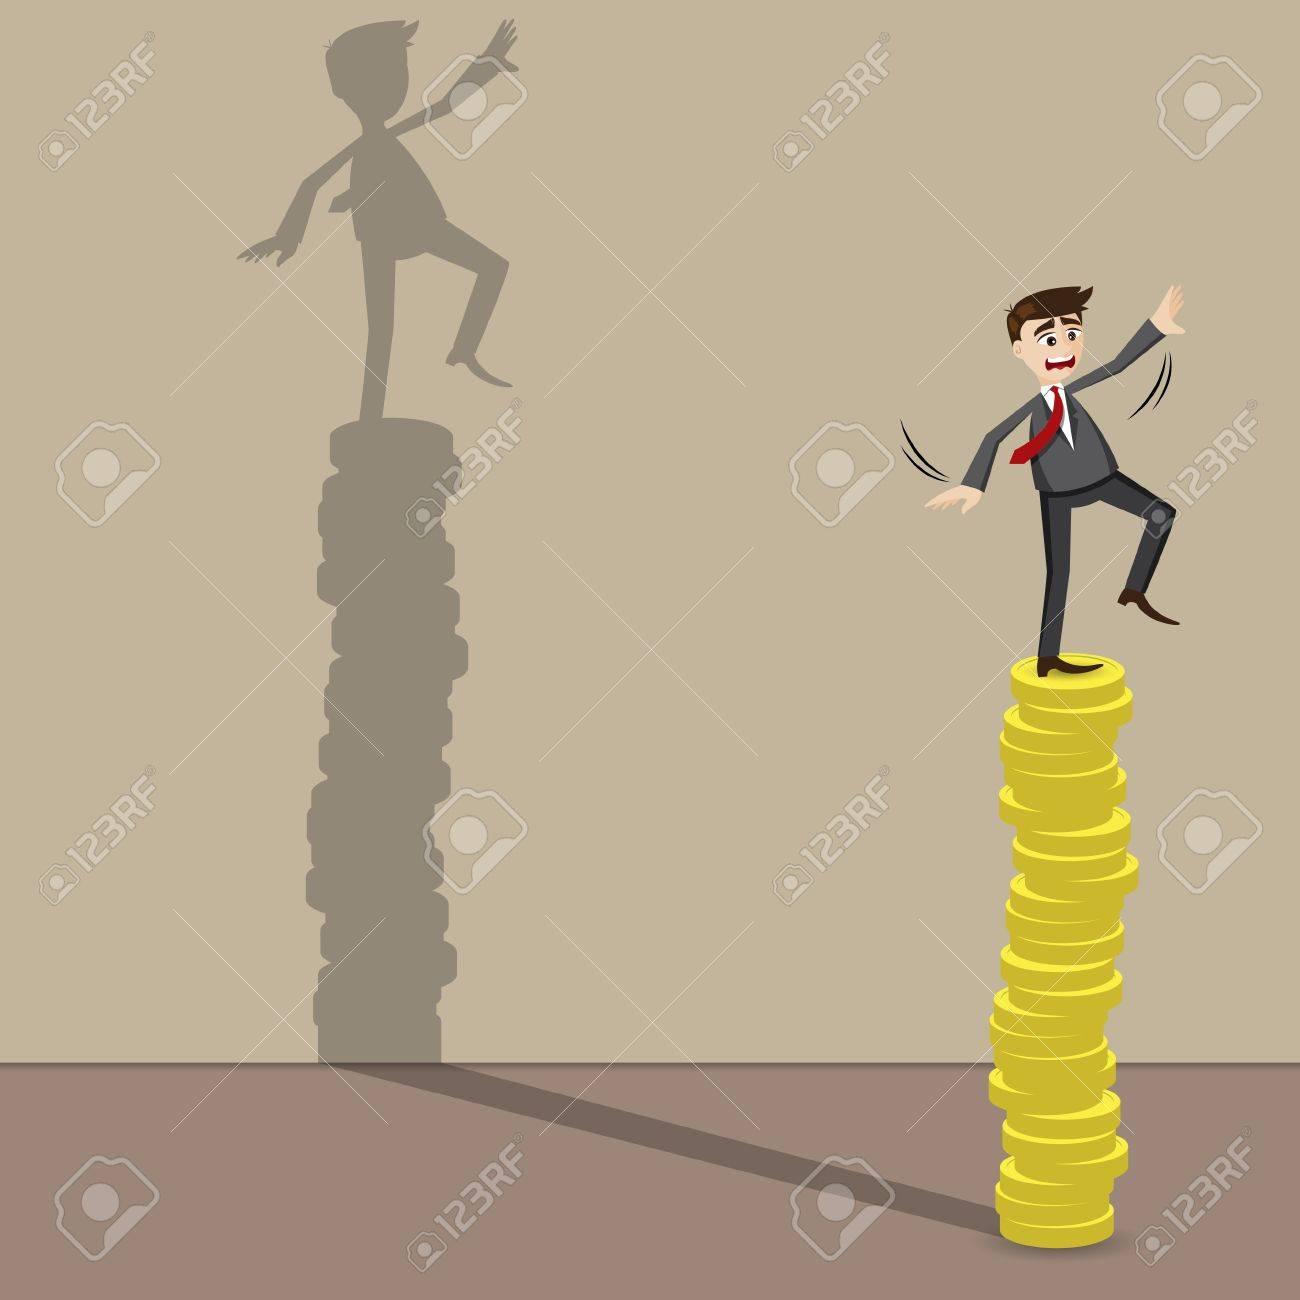 Ilustración de dibujos animados de negocios en la parte superior de la moneda de oro en riesgo el concepto de la inversión